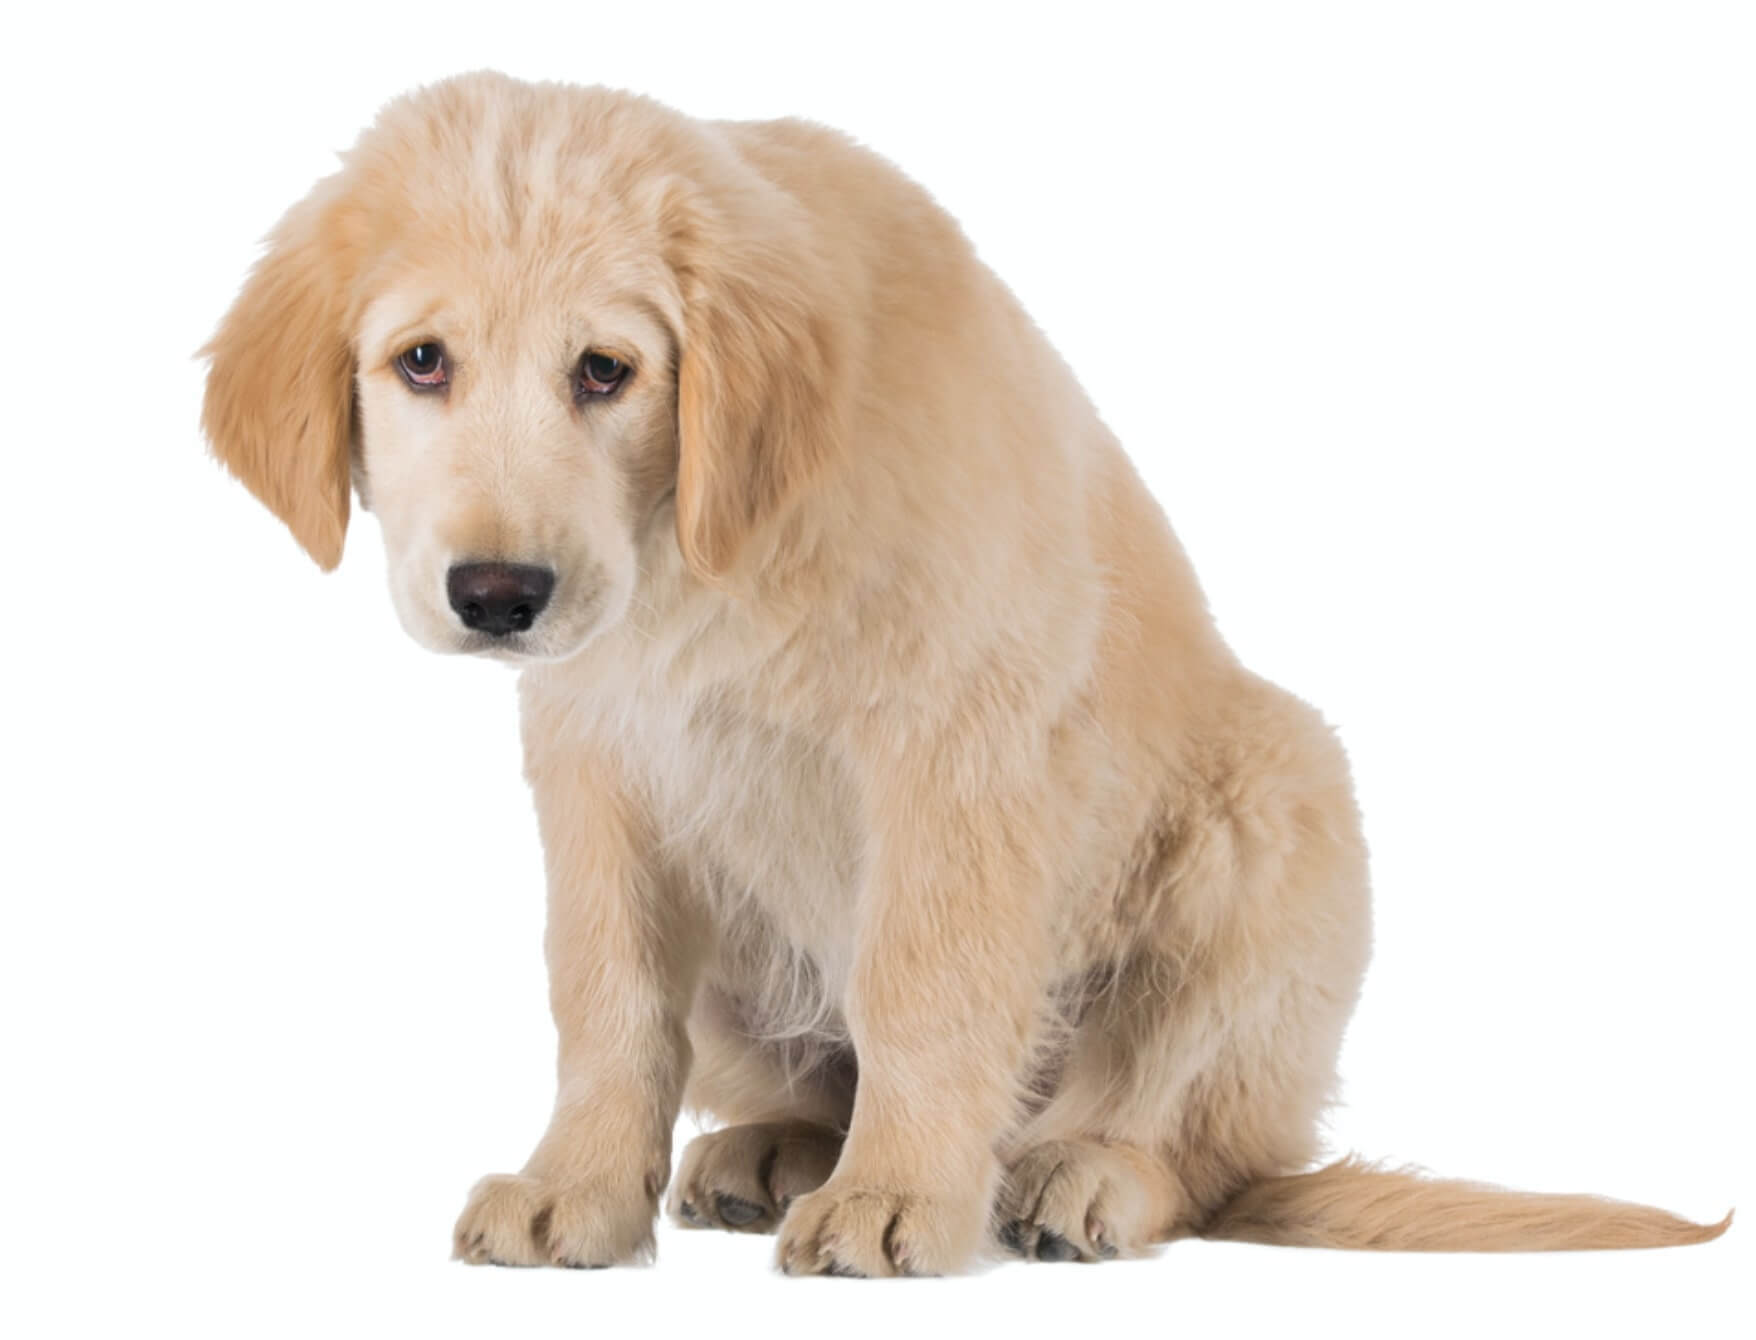 dog vision how dogs see labrador retriever puppy sad